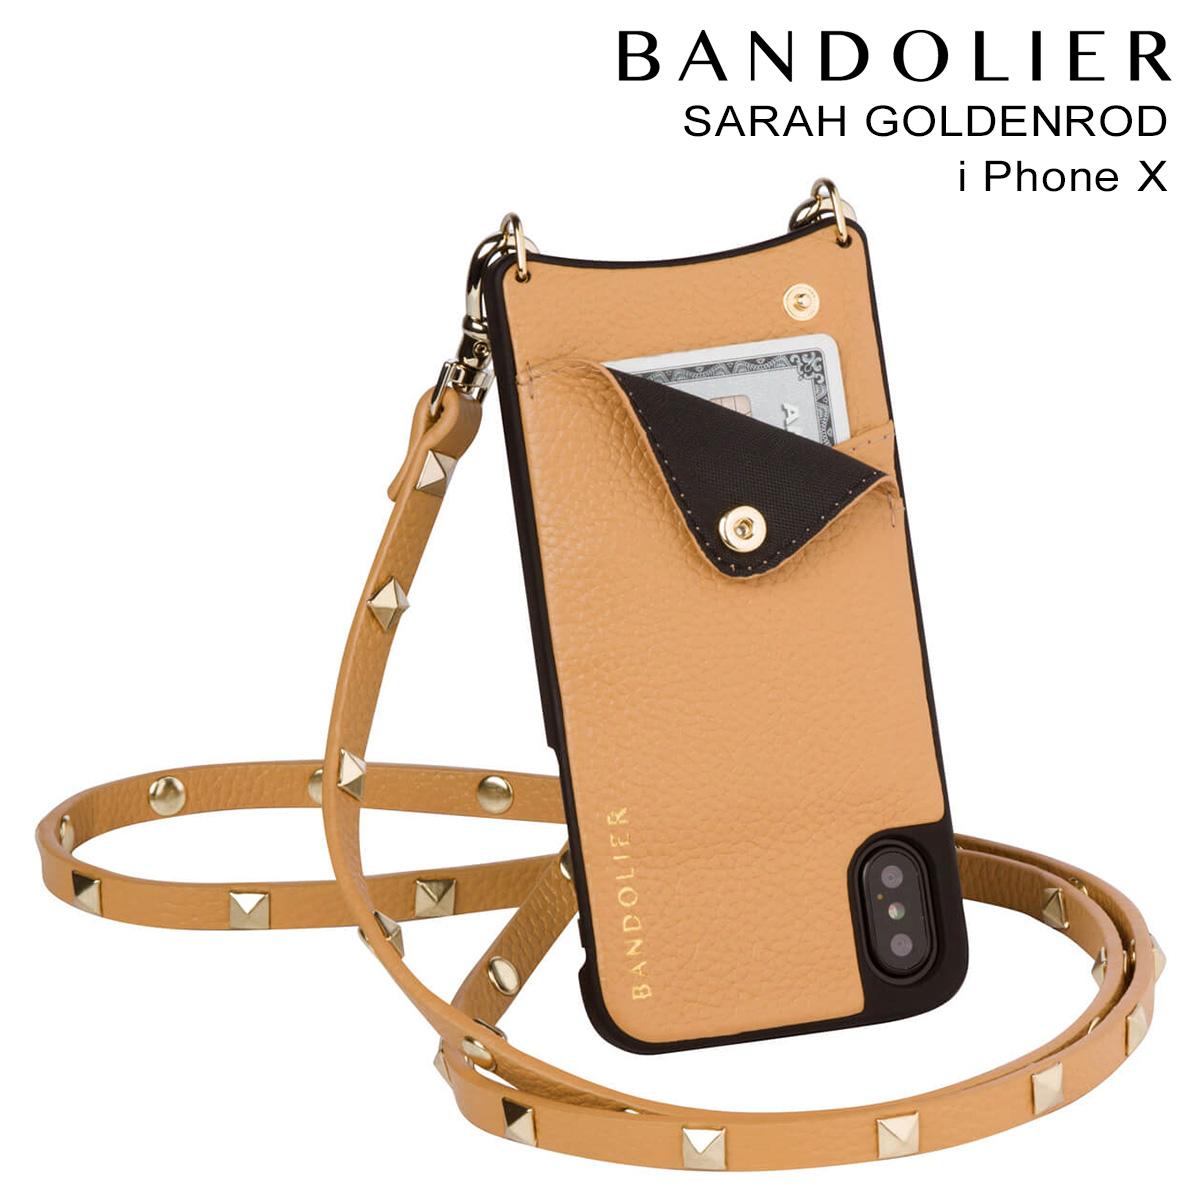 BANDOLIER バンドリヤー iPhoneX ケース スマホ アイフォン SARAH GOLDENROD レザー メンズ レディース